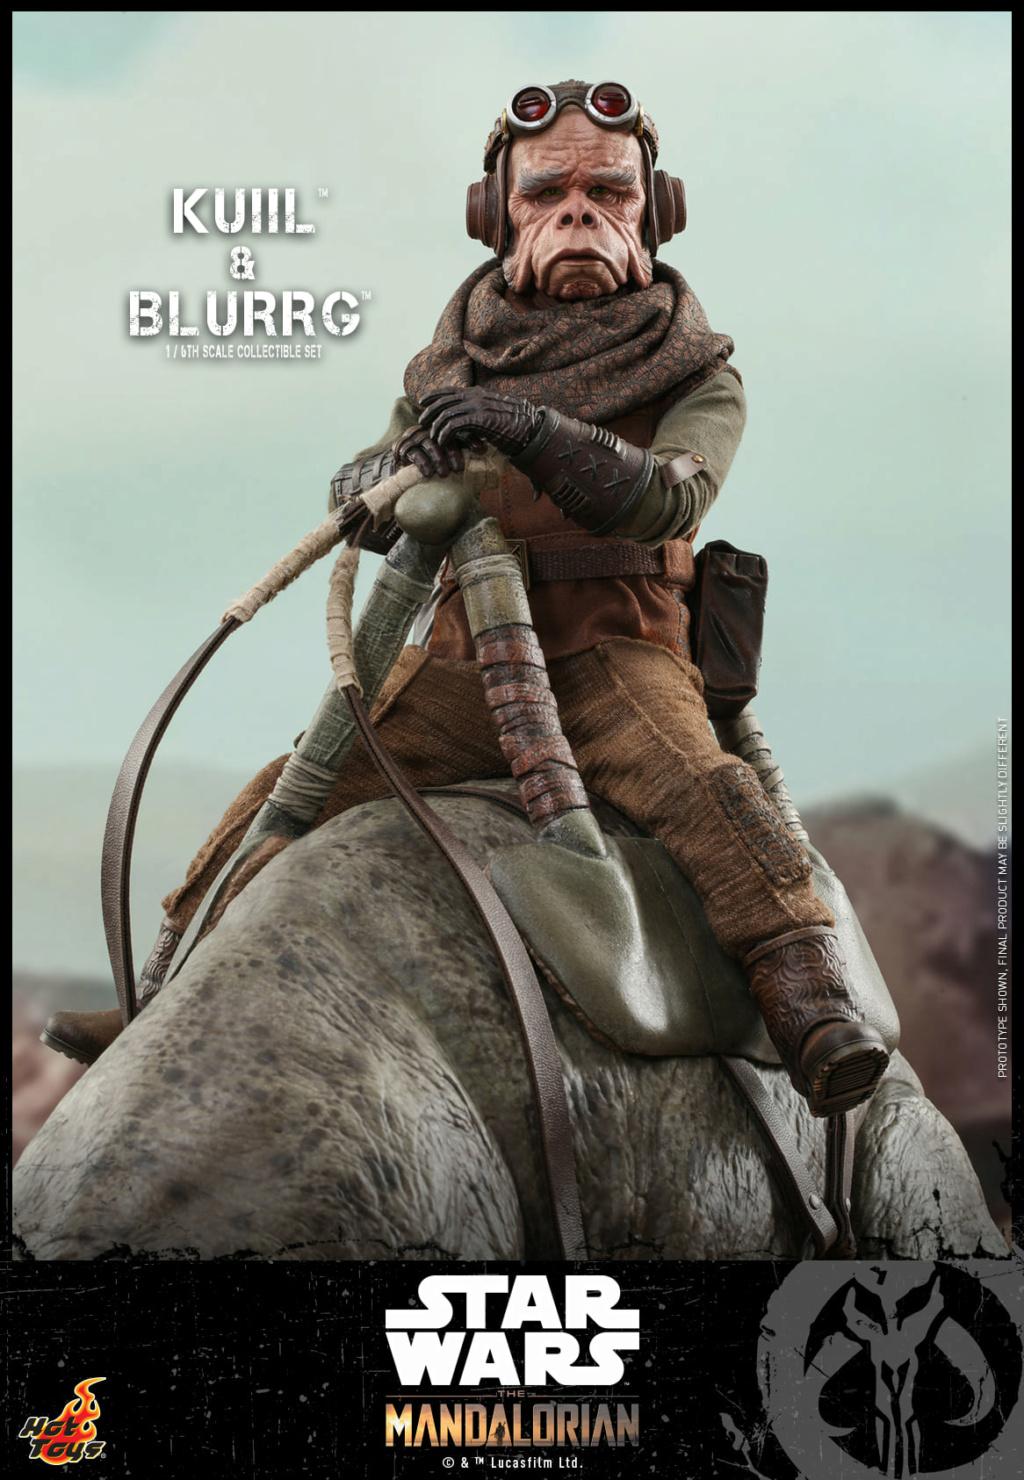 Kuiil & Blurrg Collectible Set - Star Wars - Hot Toys Kuiil_36